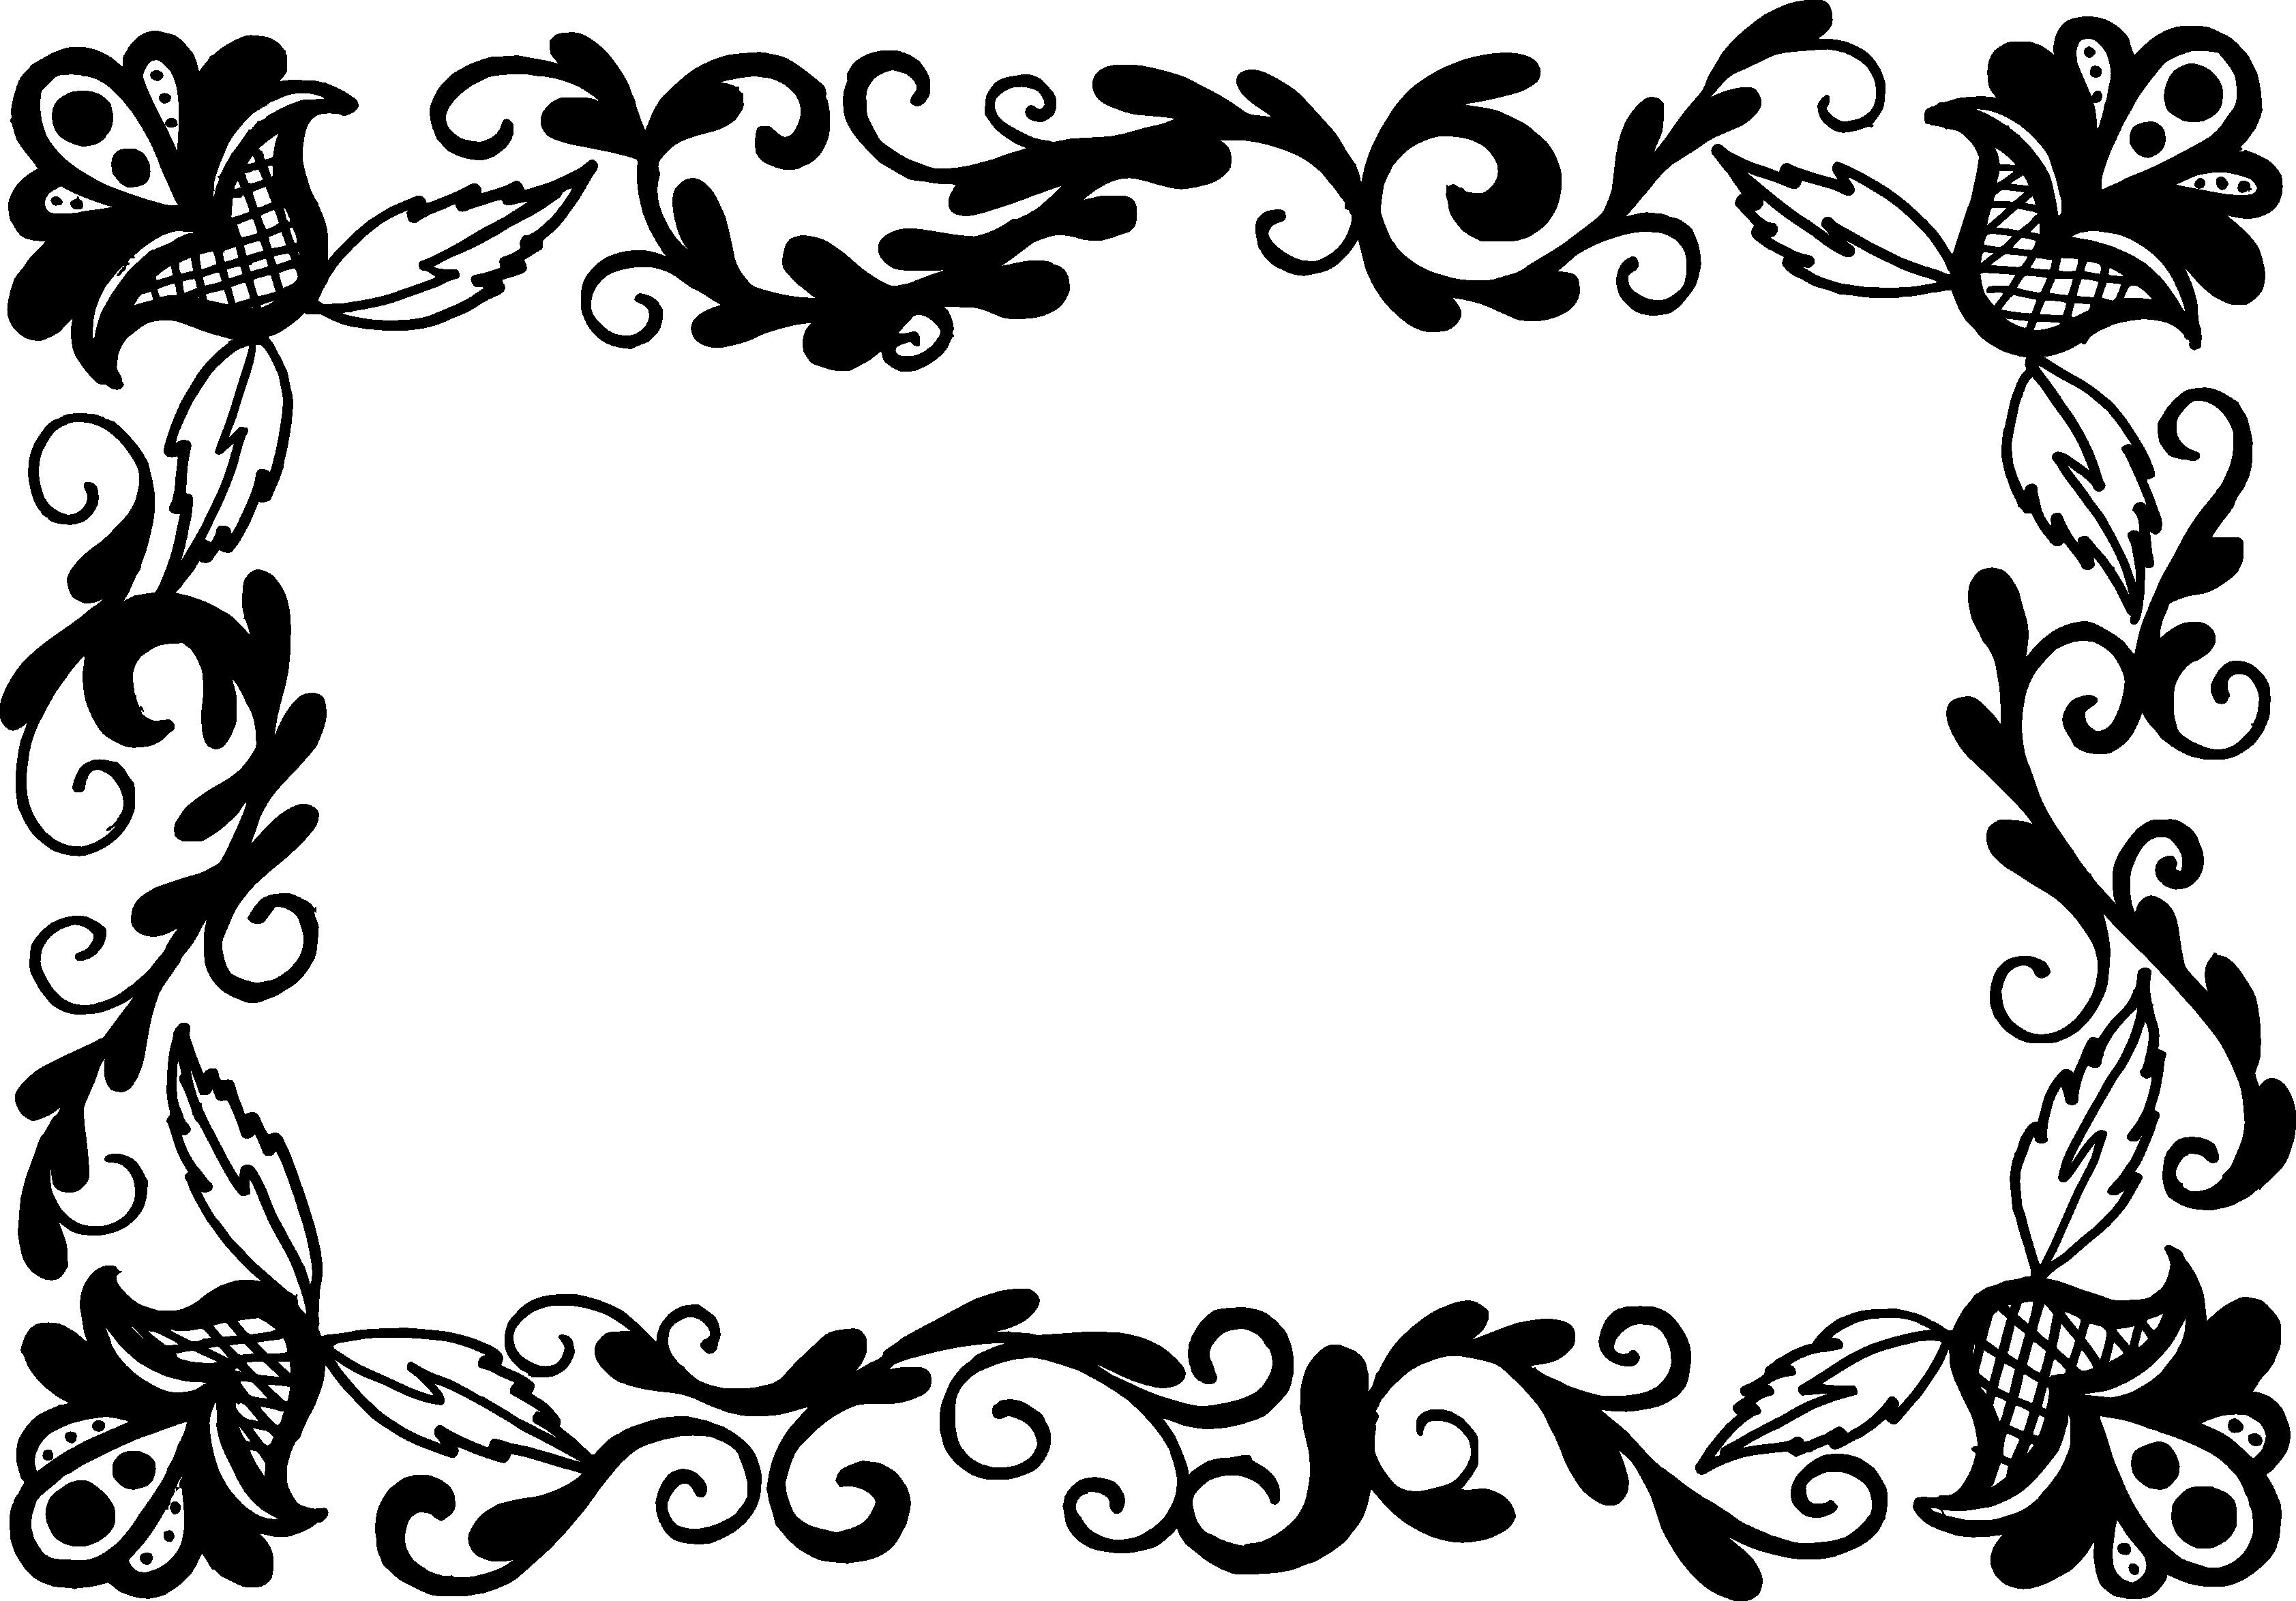 9 Rectangle Flower Frame Vector (PNG Transparent, SVG) Vol. 2.